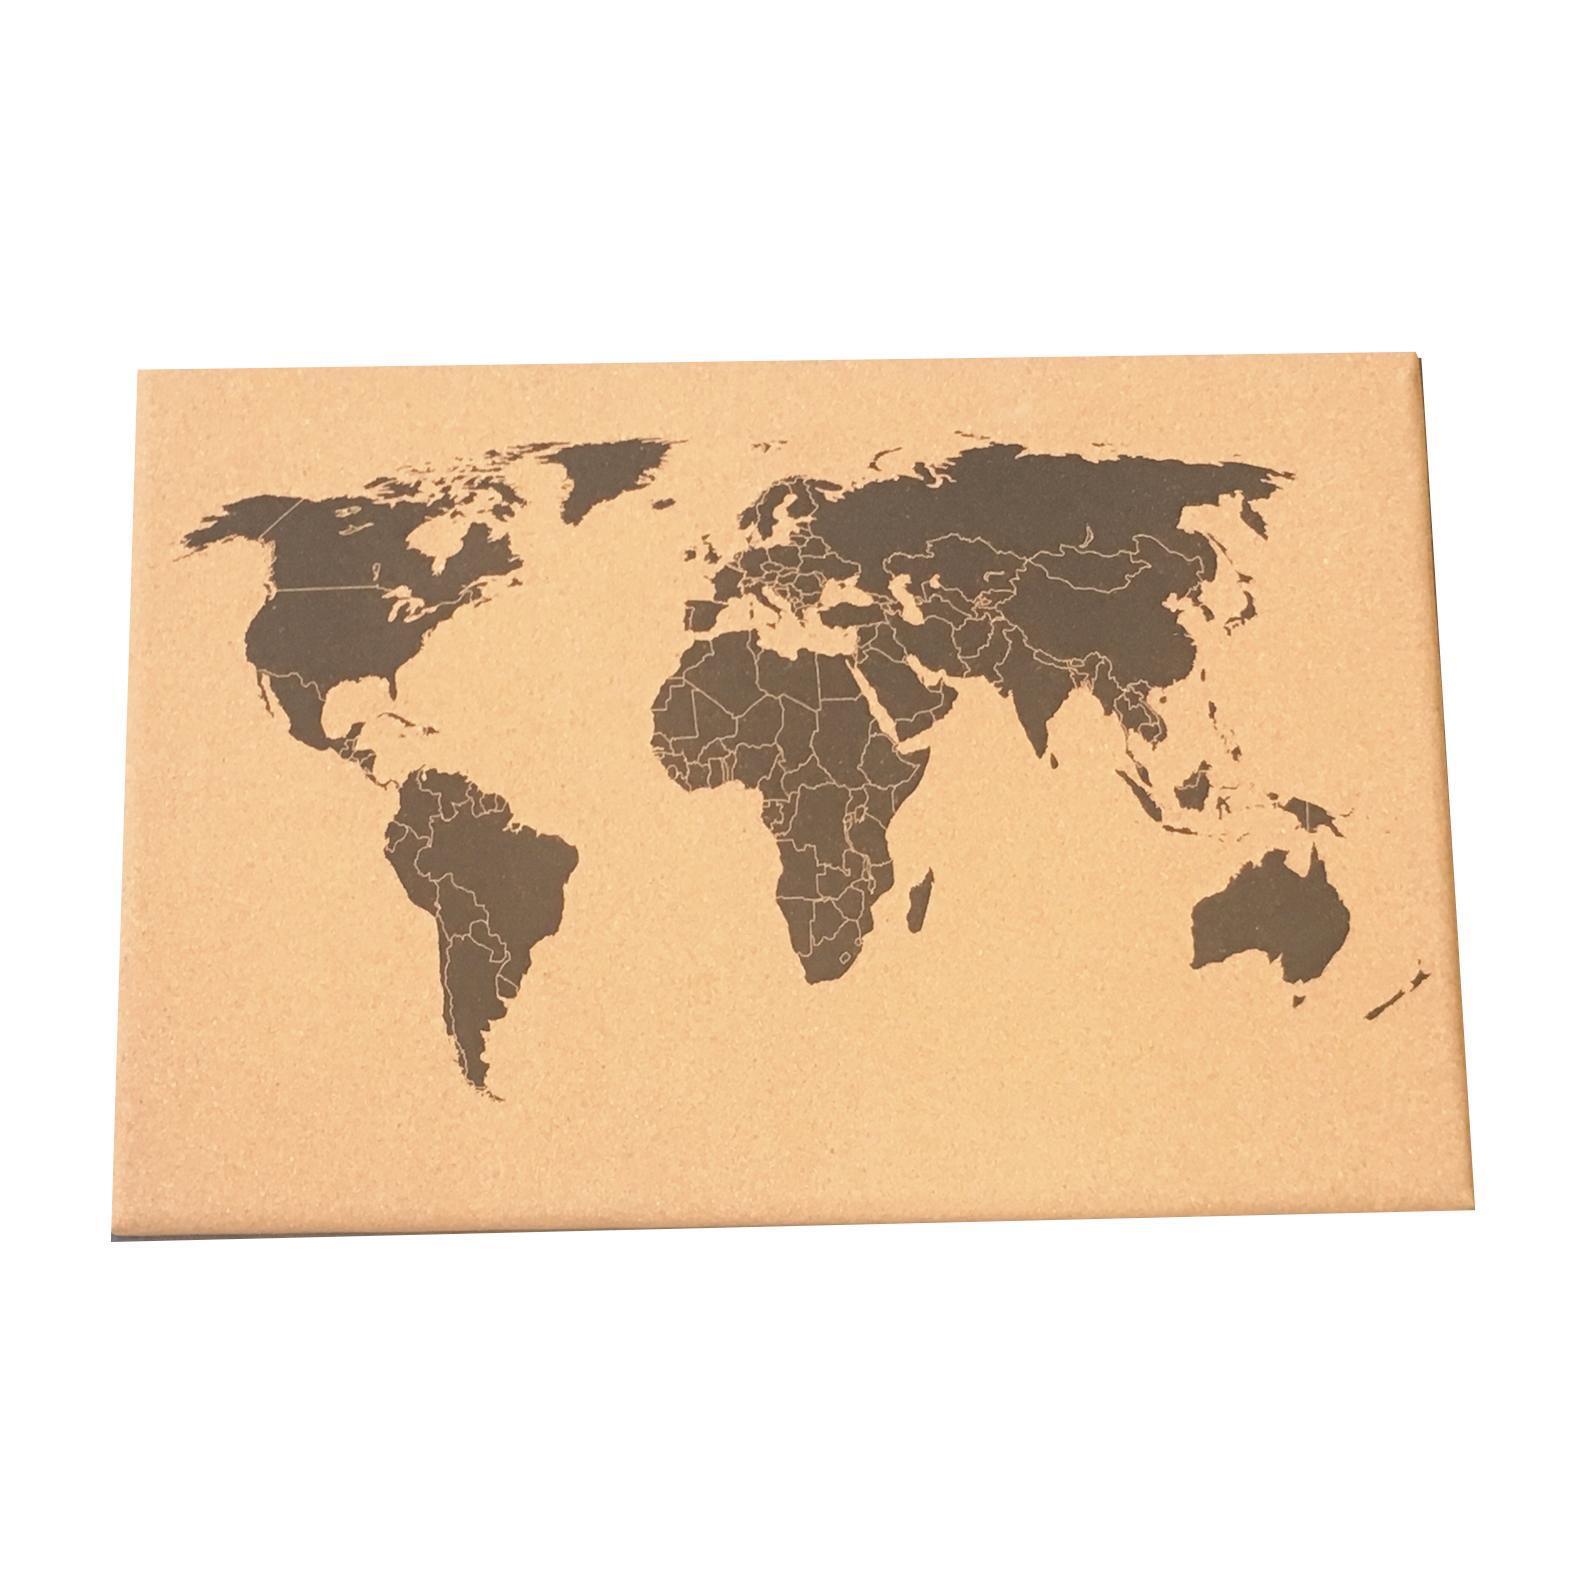 Bacheca World multicolore 60x40 cm - 2